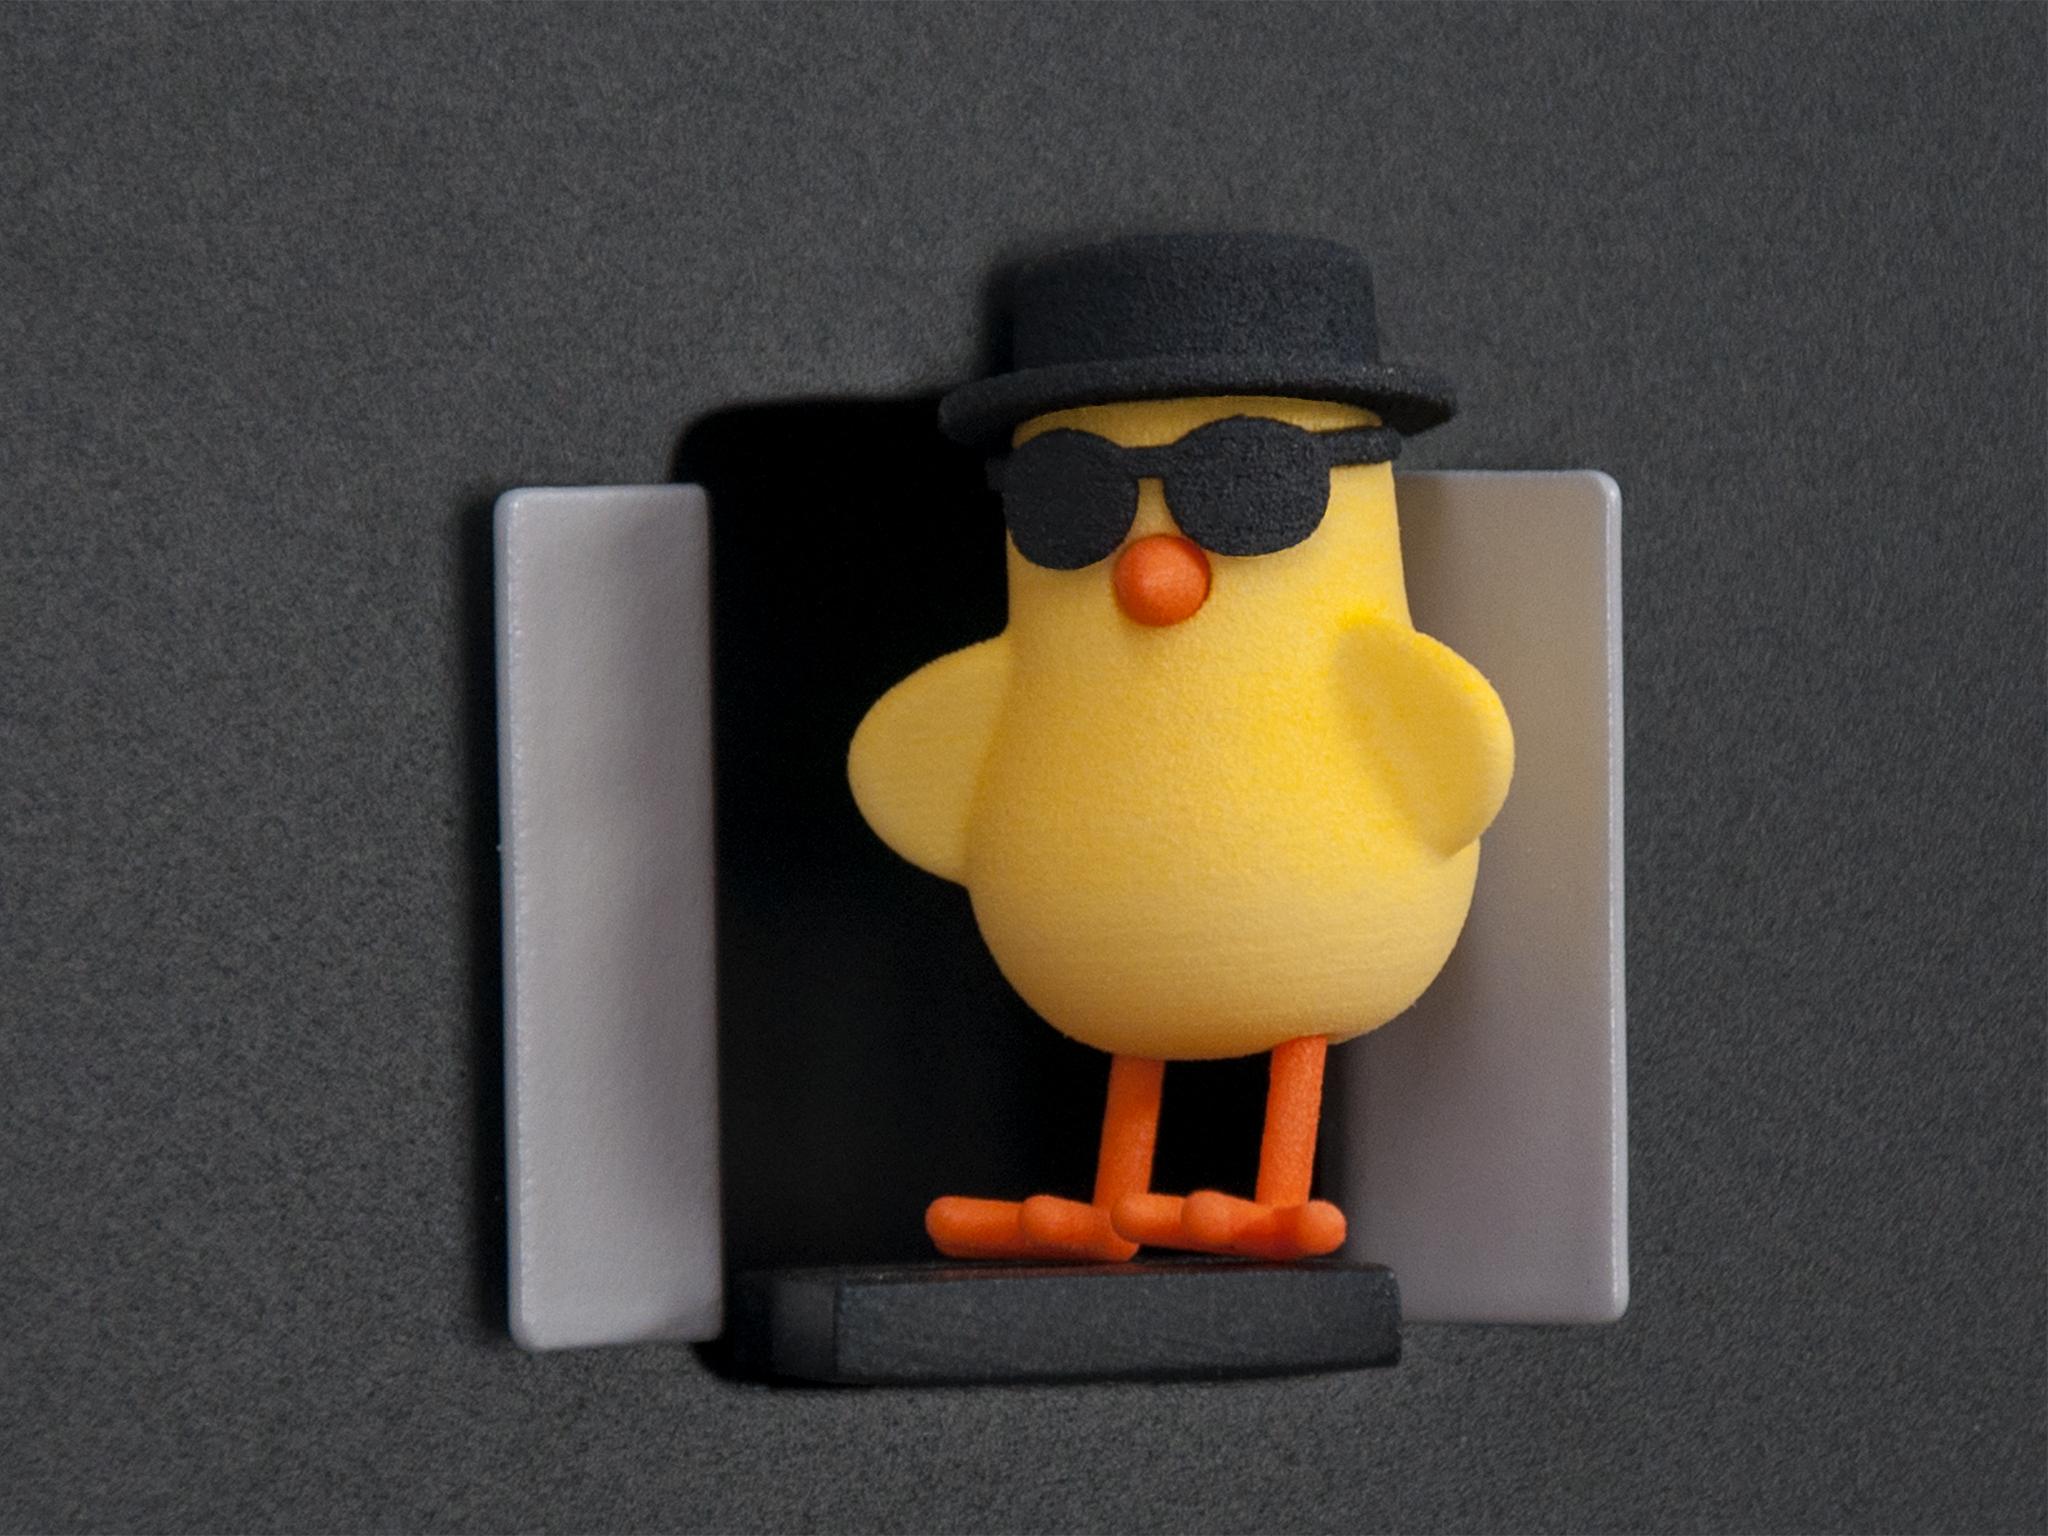 Oggetti Per Ufficio : Oggetti per ufficio. amazing organizer per ufficio with oggetti per